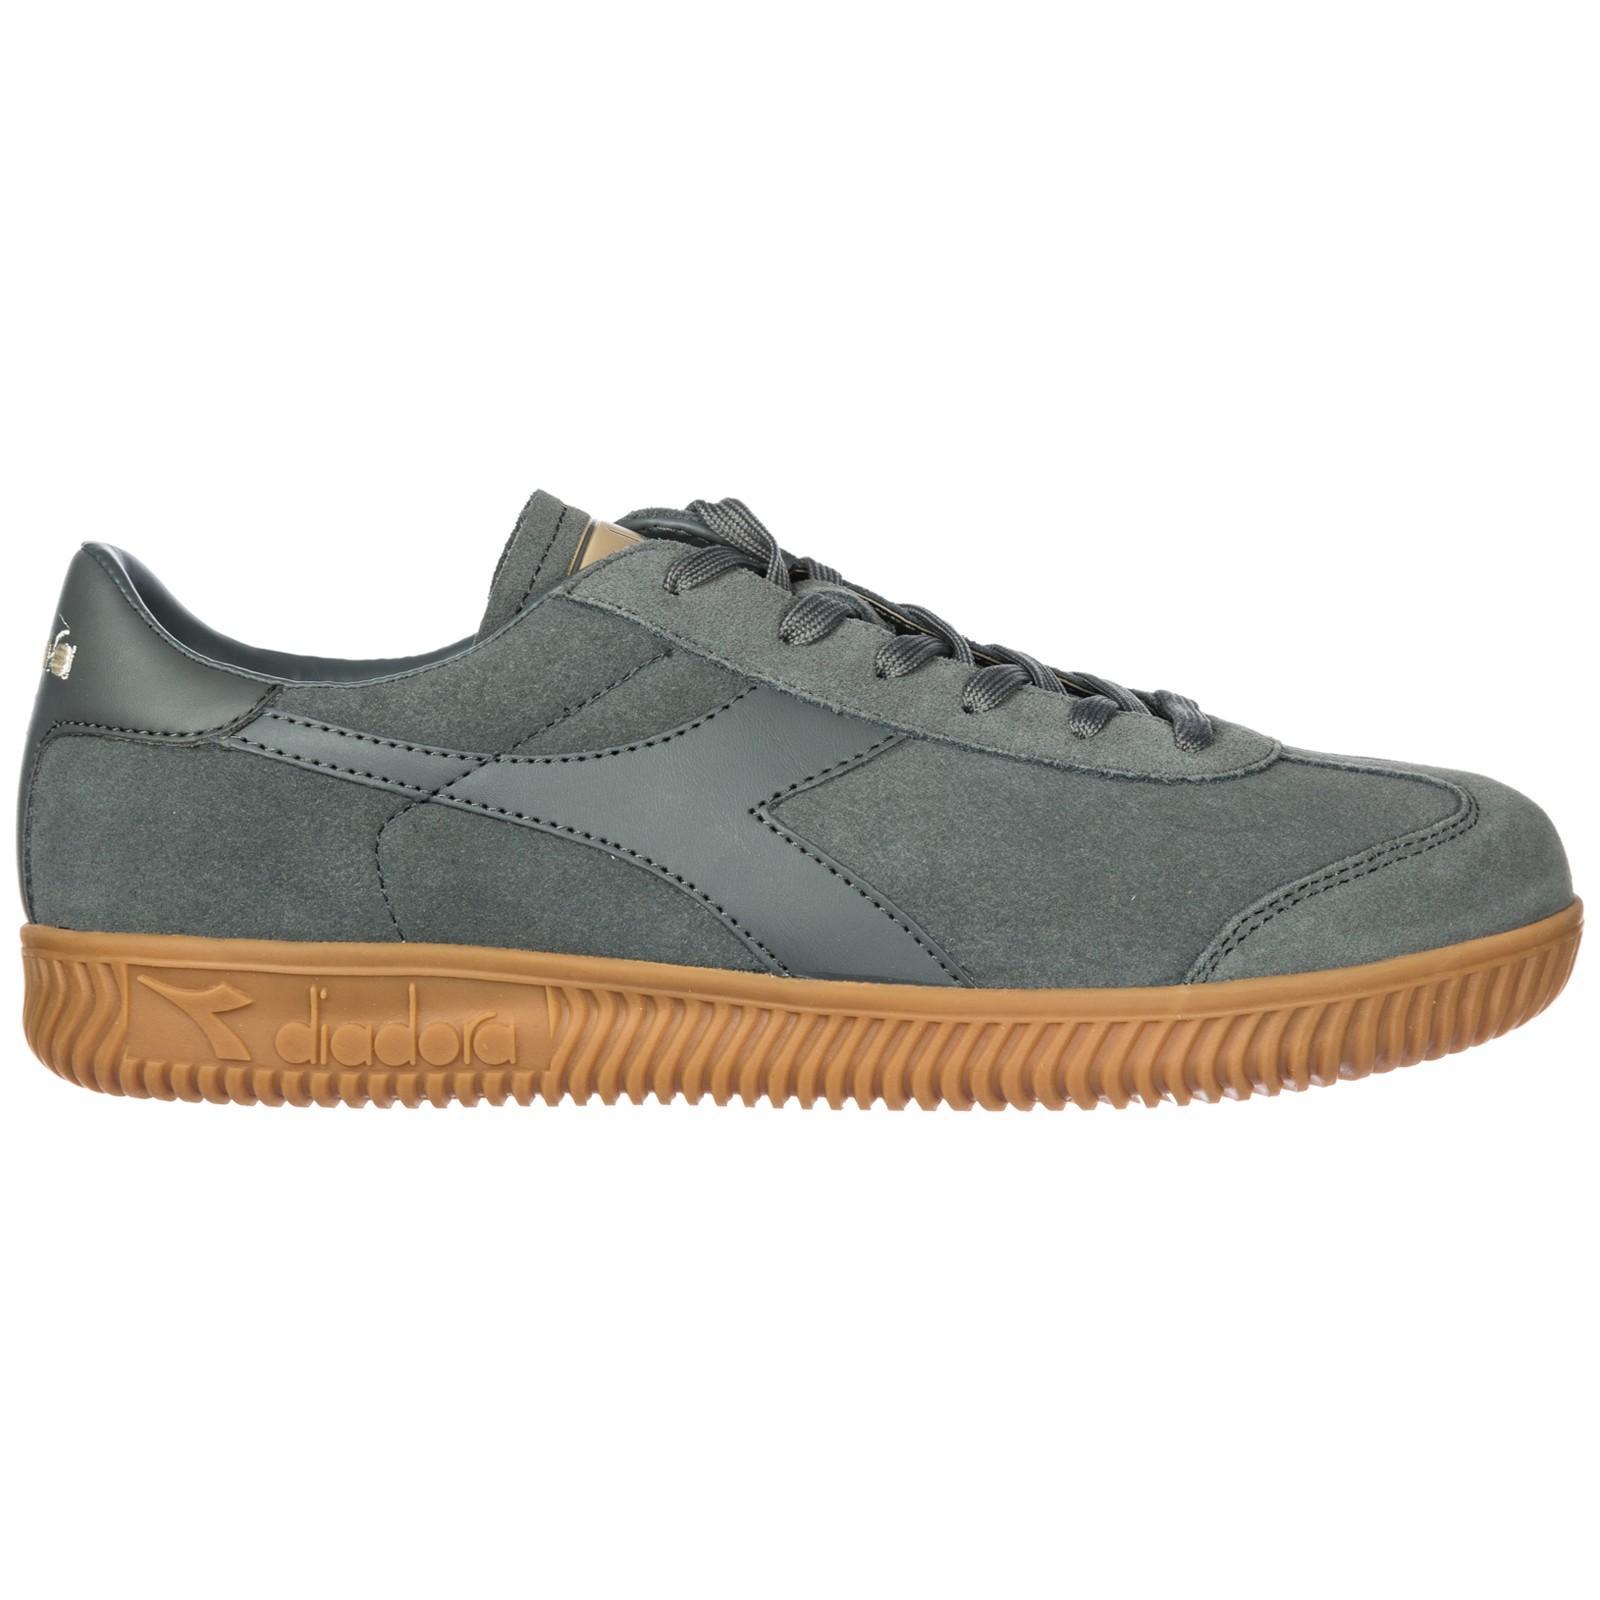 online retailer 9659b 39300 Herrenschuhe Herren Wildleder Sneakers Schuhe Squash Elite in Grey